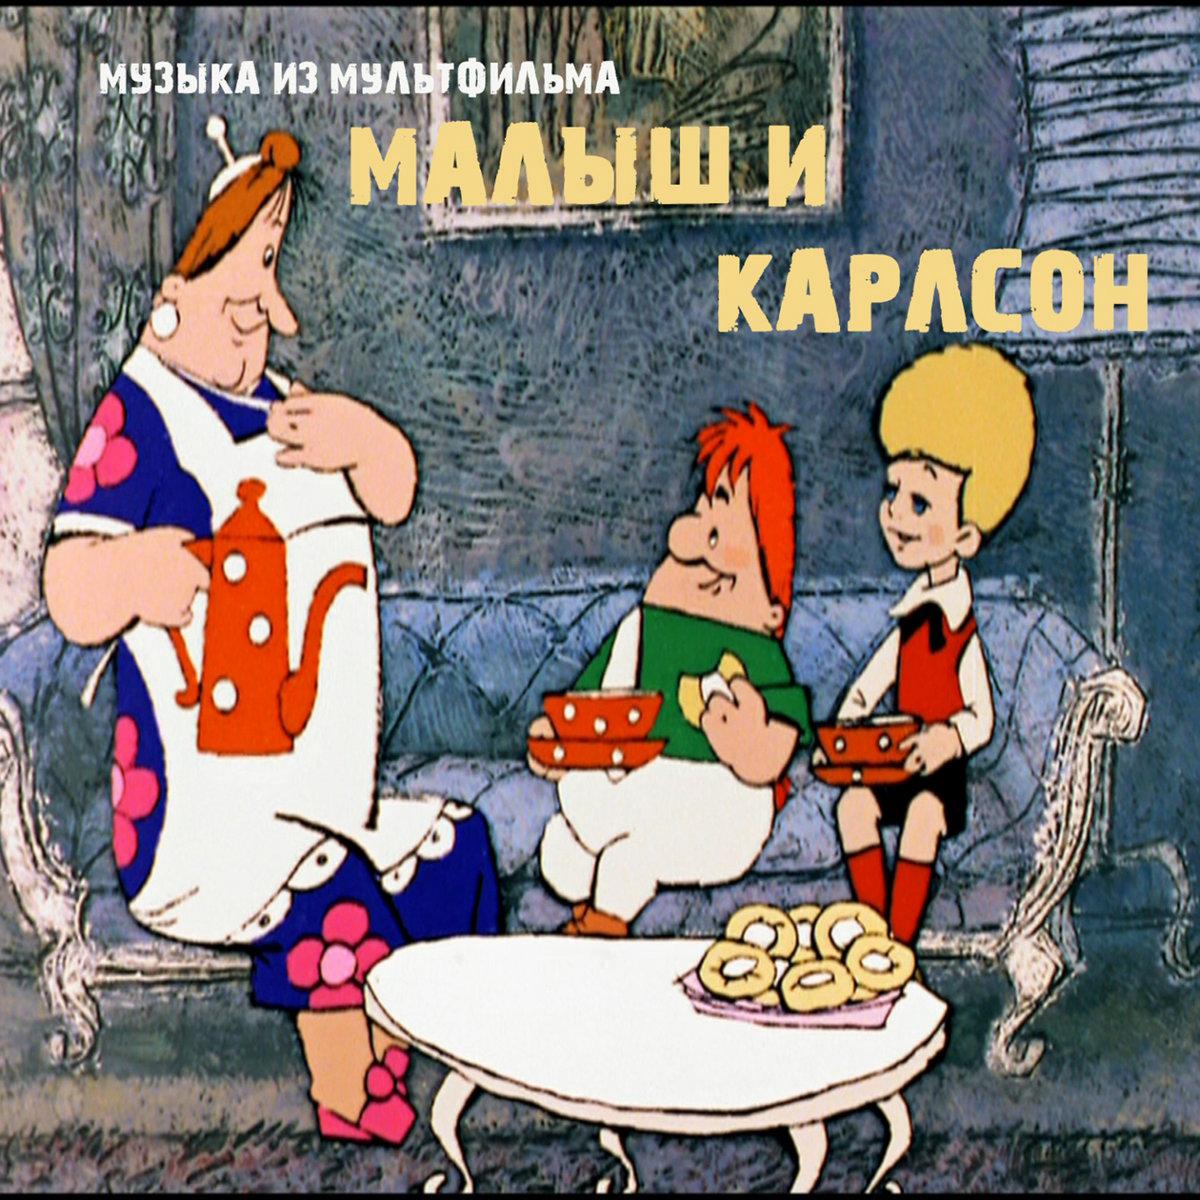 Латышские стрелки  russiatalkcom